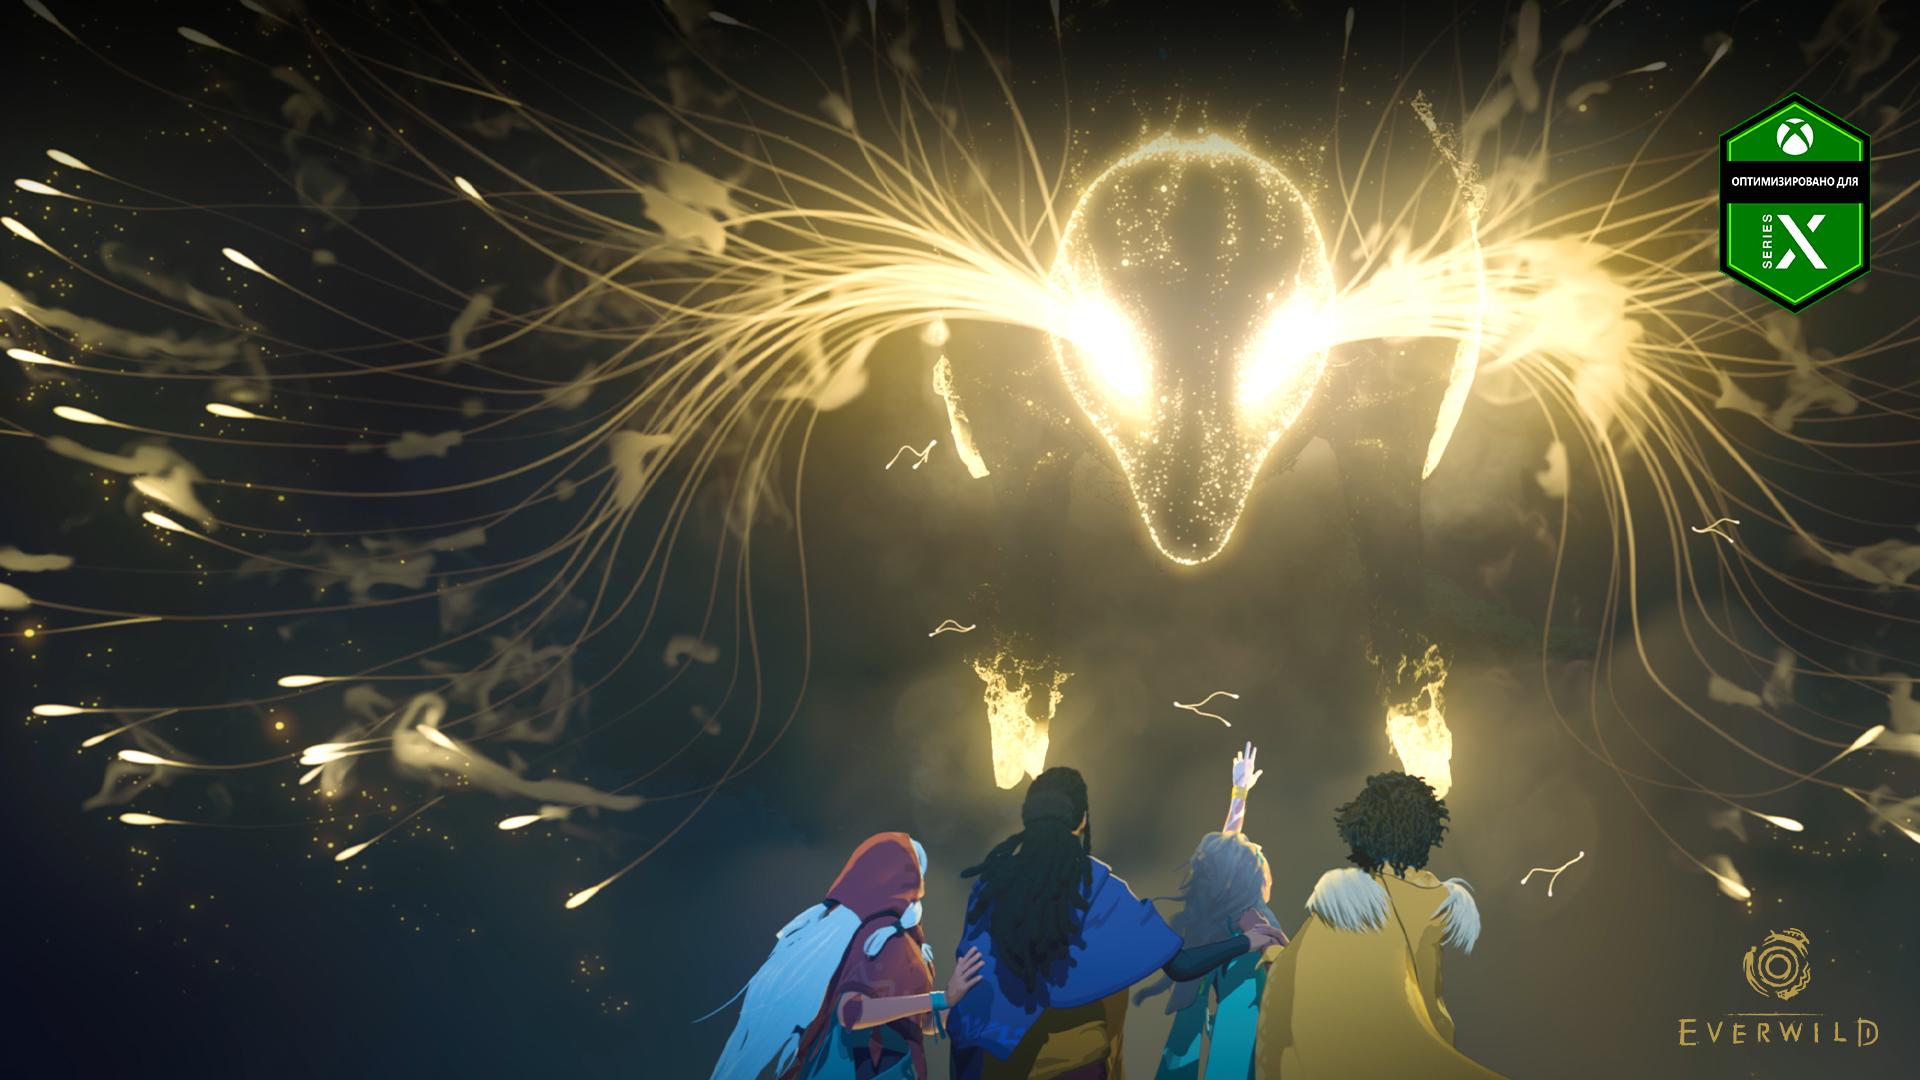 В оптимизированной для Series X игре Everwild группа персонажей стоит под сотканой из света головой оленя.